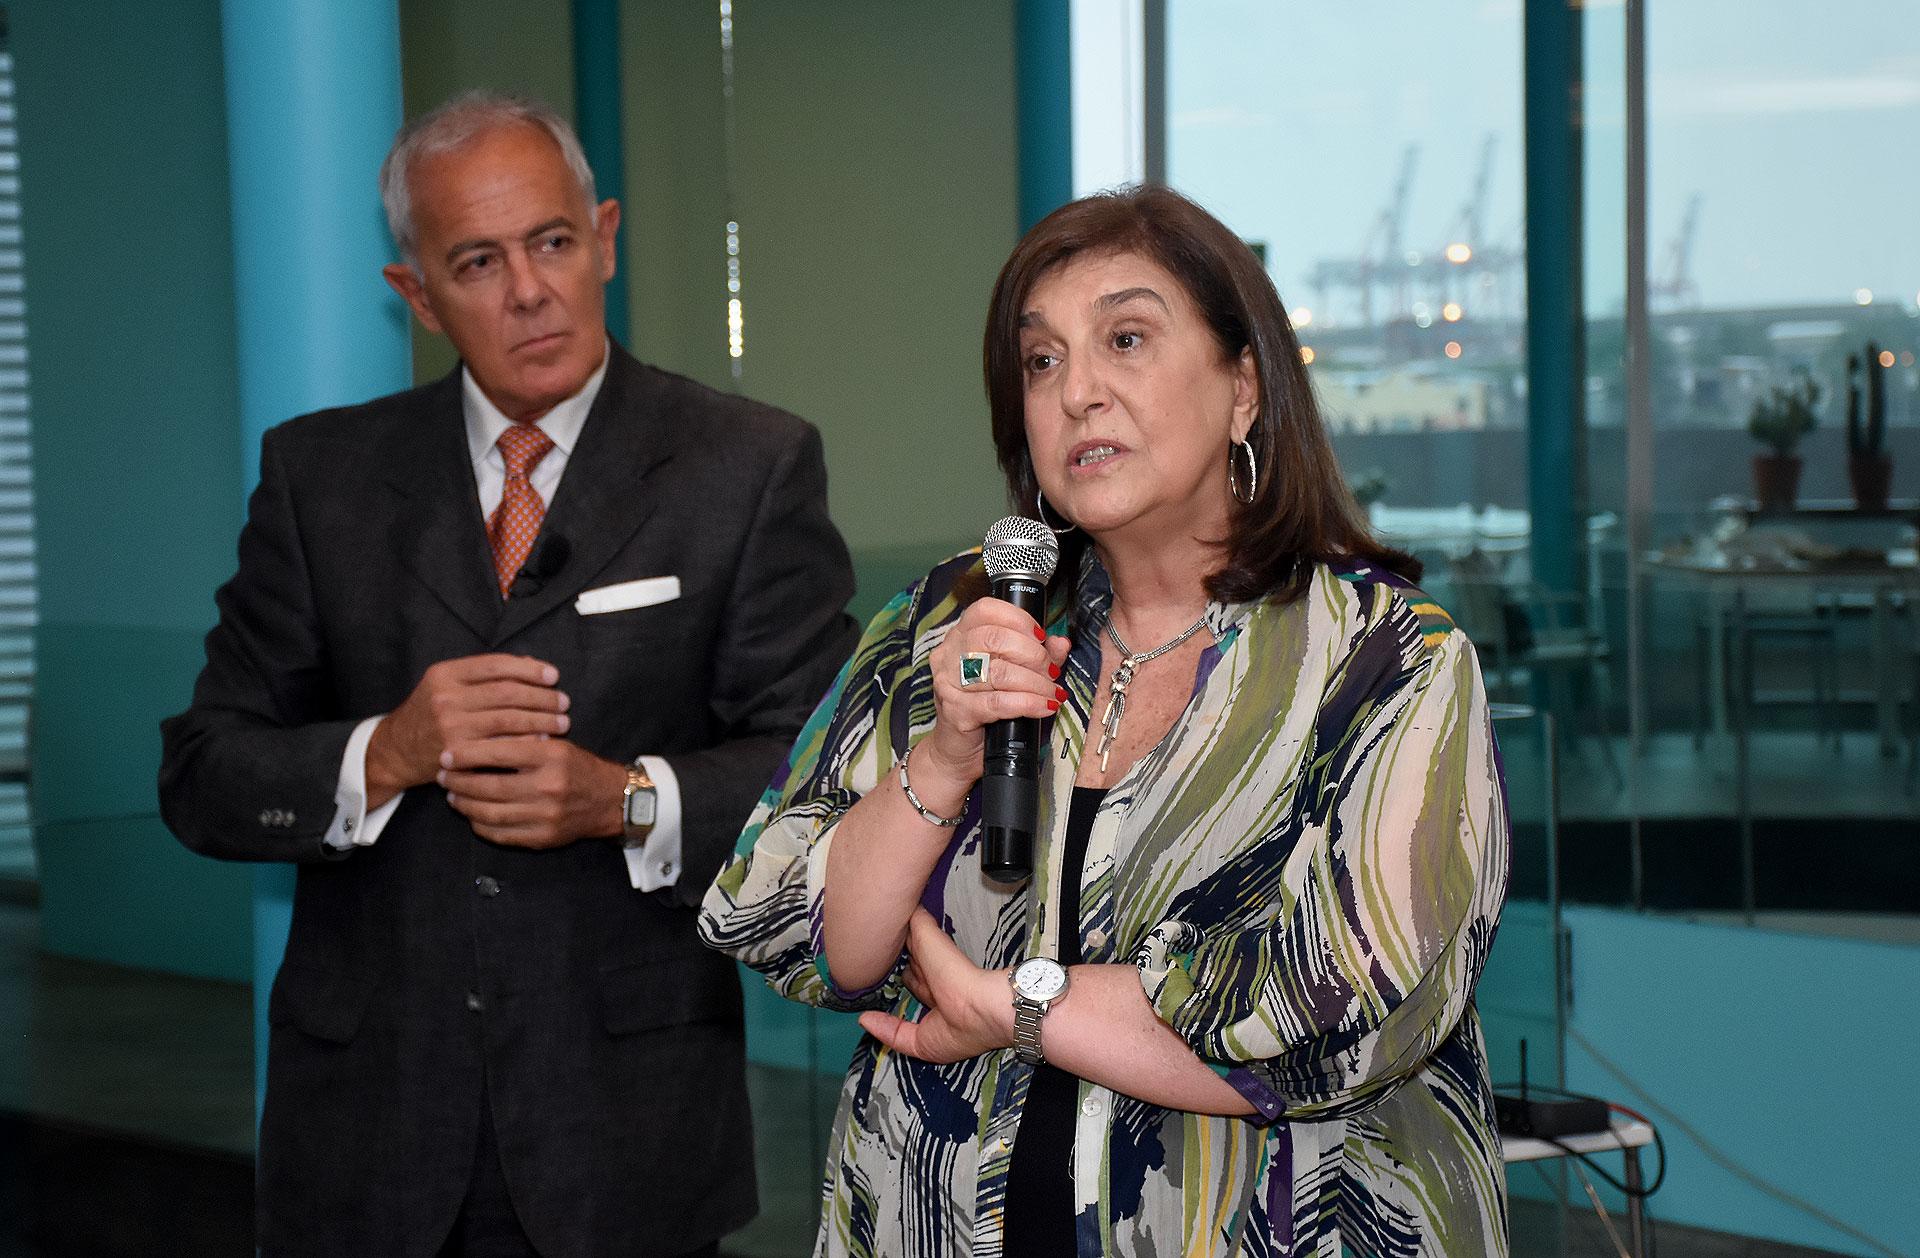 Ángela Gentile. médica infectóloga, pediatra y epidemióloga. Jefa del Departamento de Epidemiología del Hospital de Niños Ricardo Gutiérrez